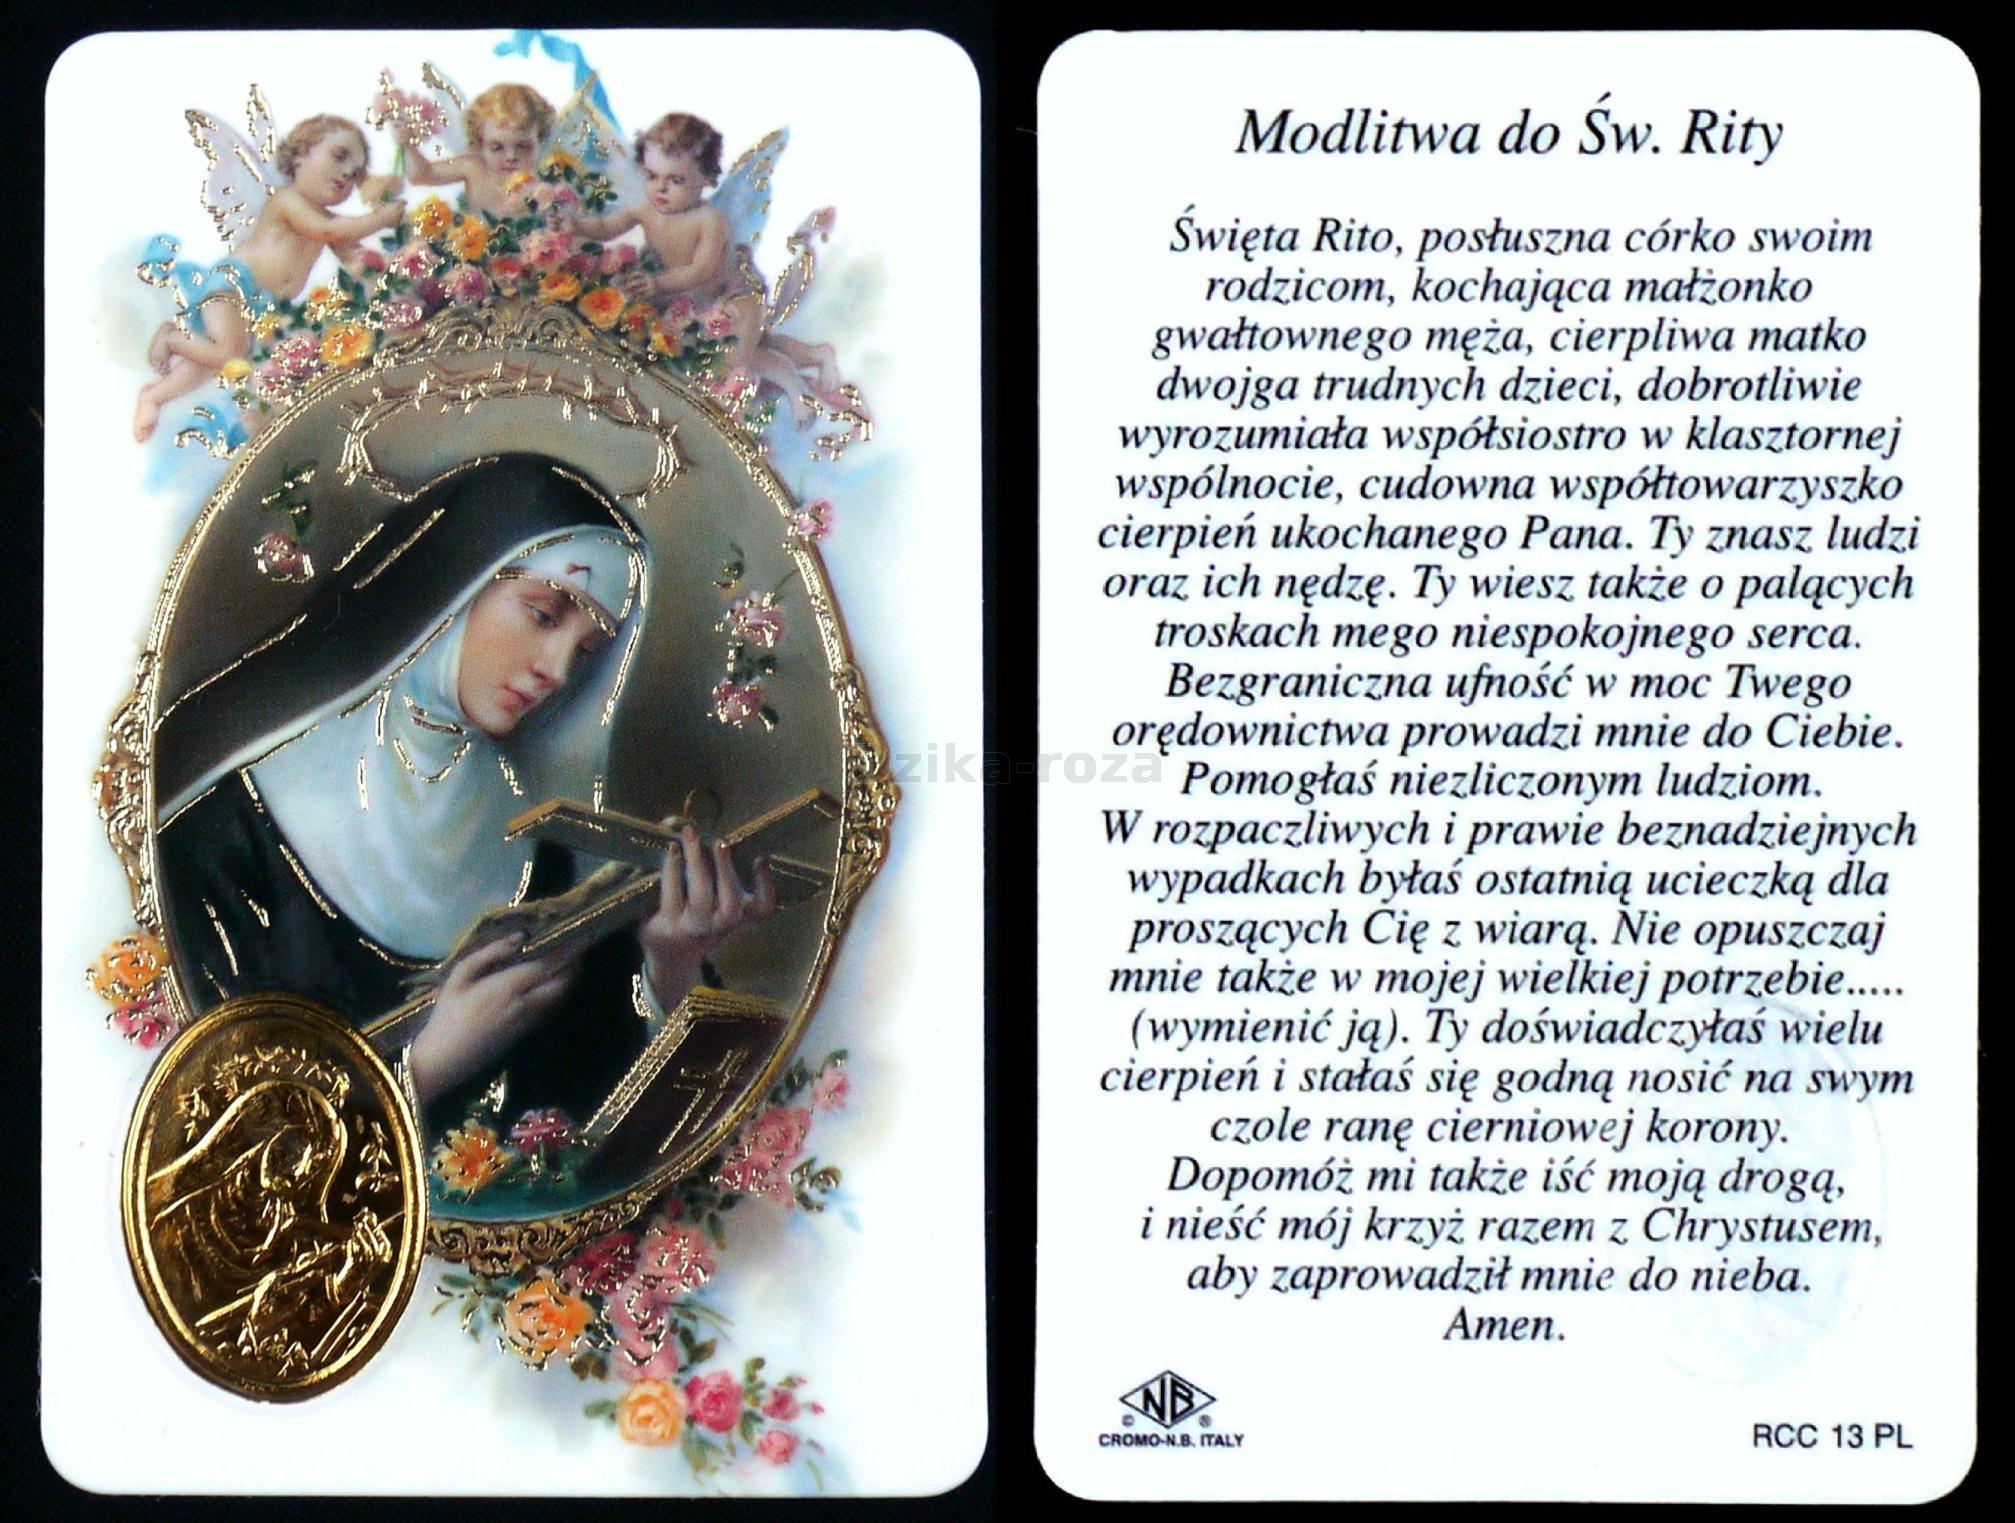 Modlitwa Do św Rity